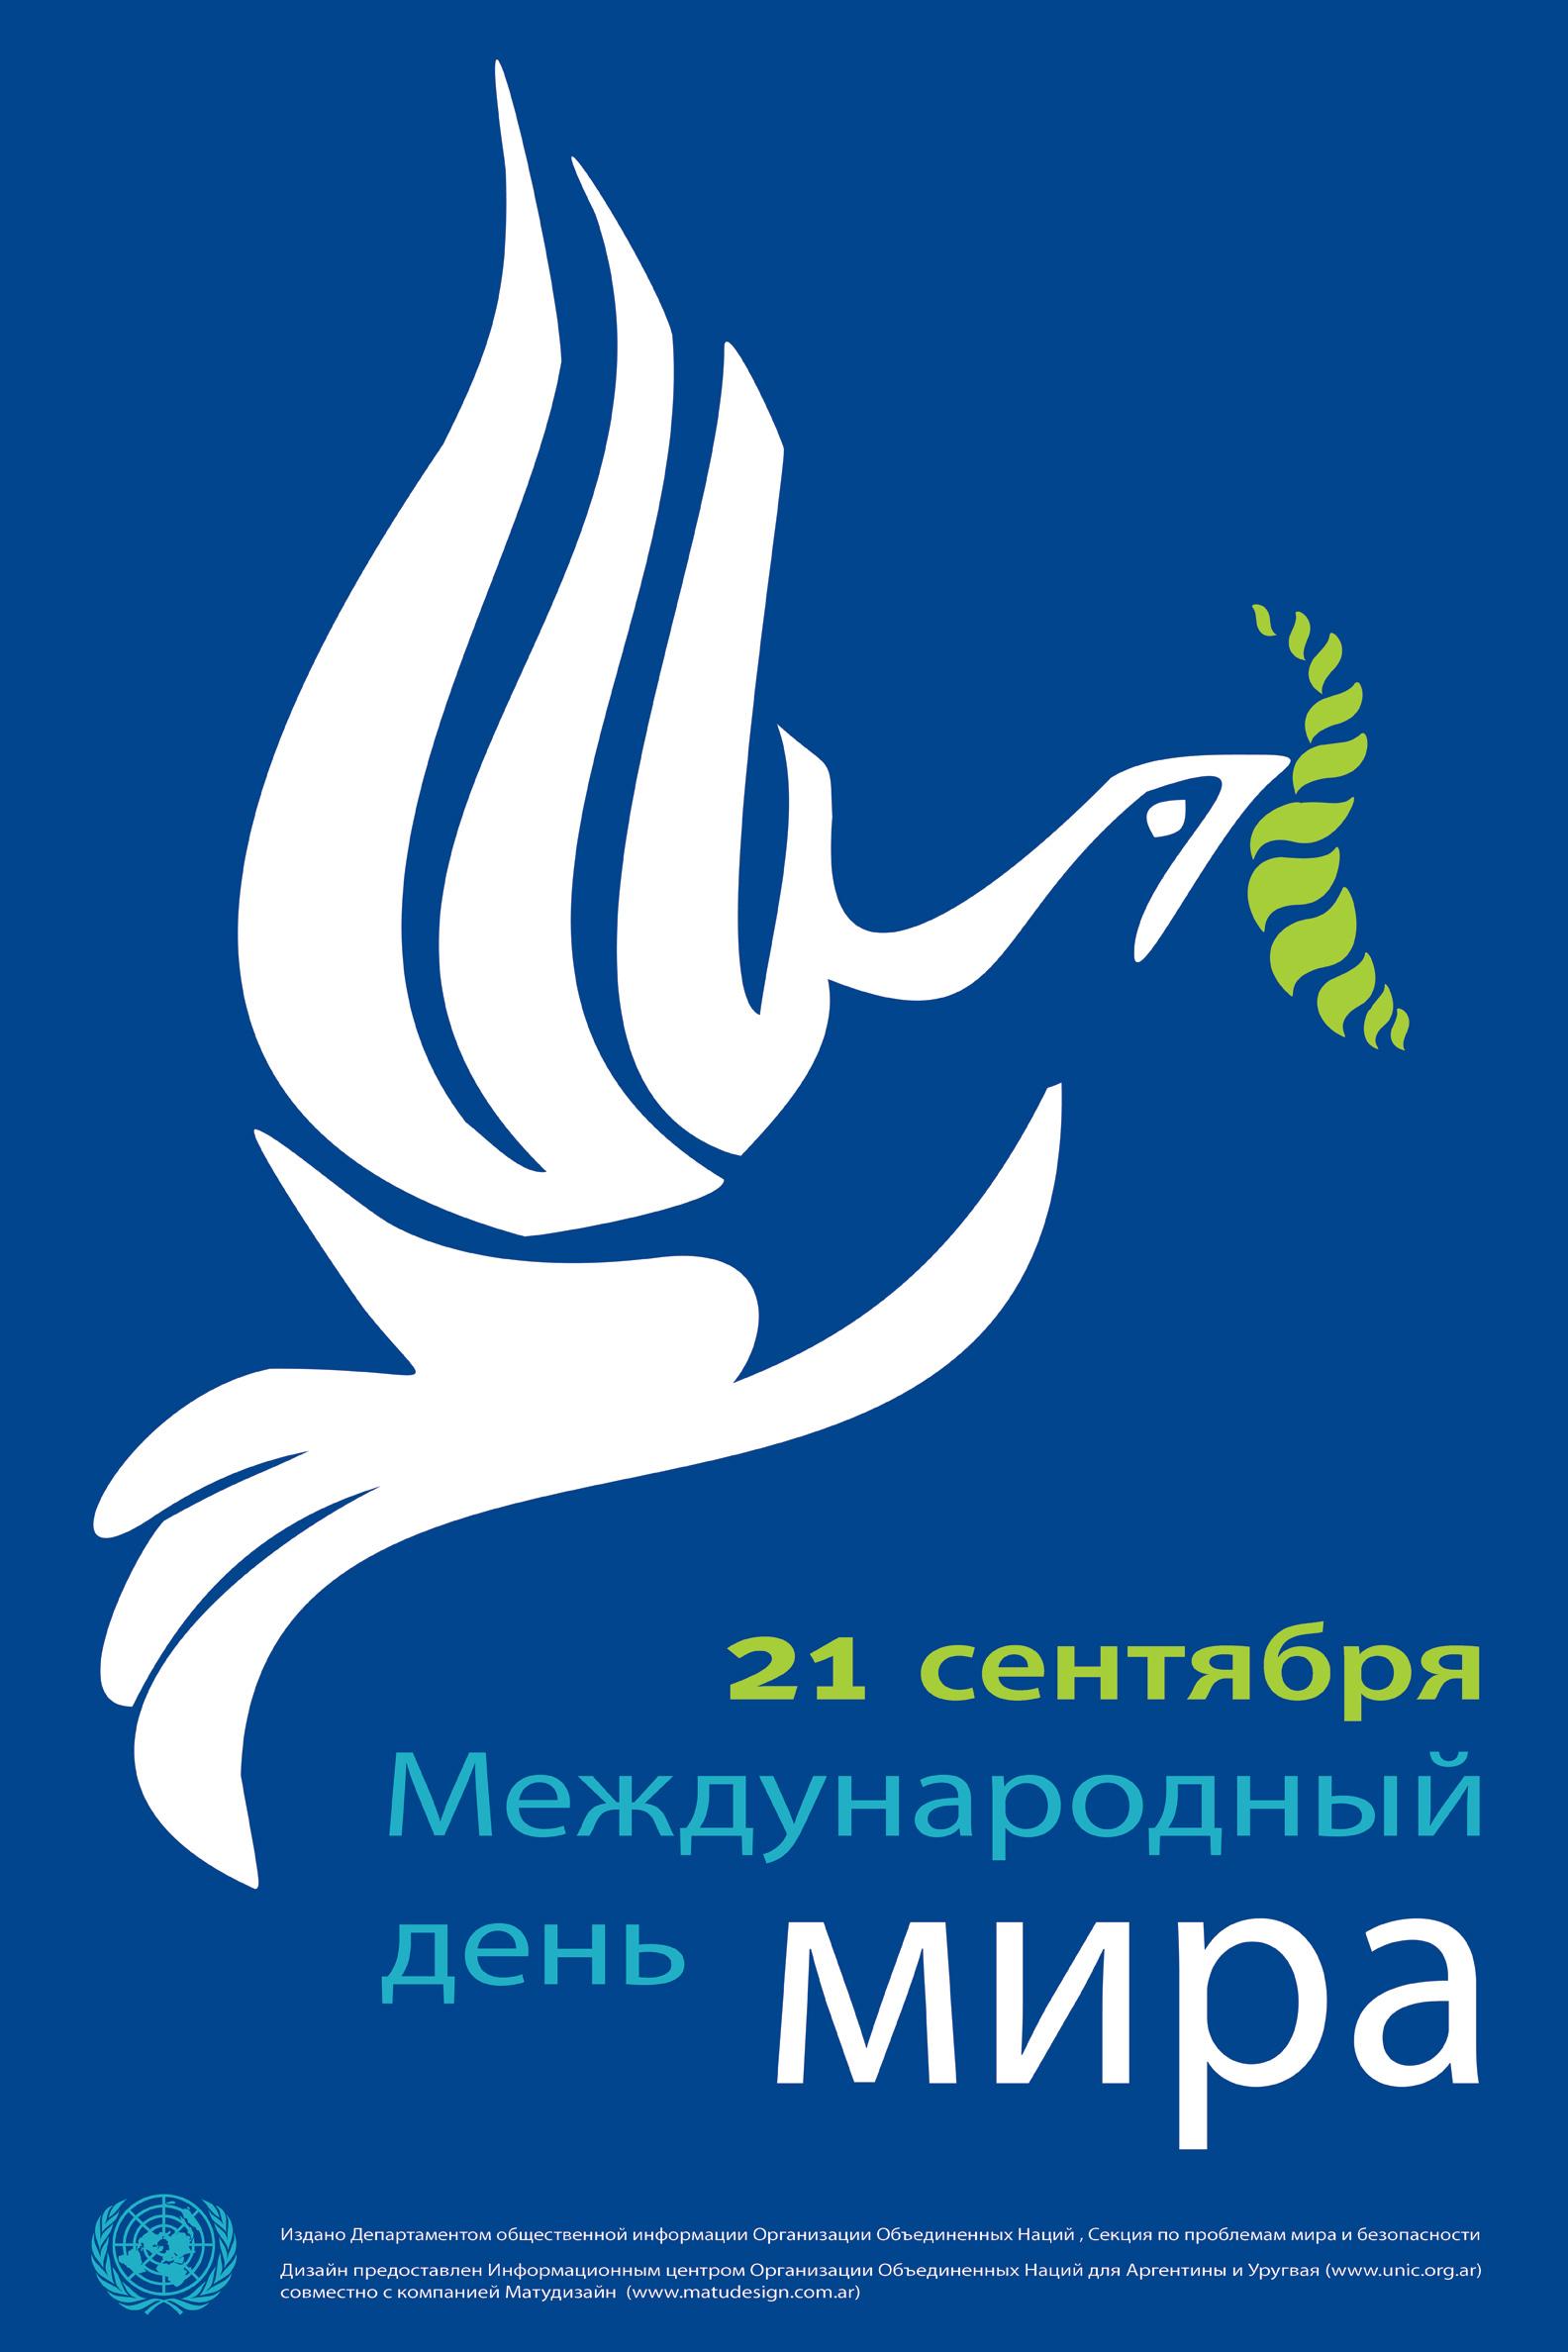 21 сентября — Международный день мира!